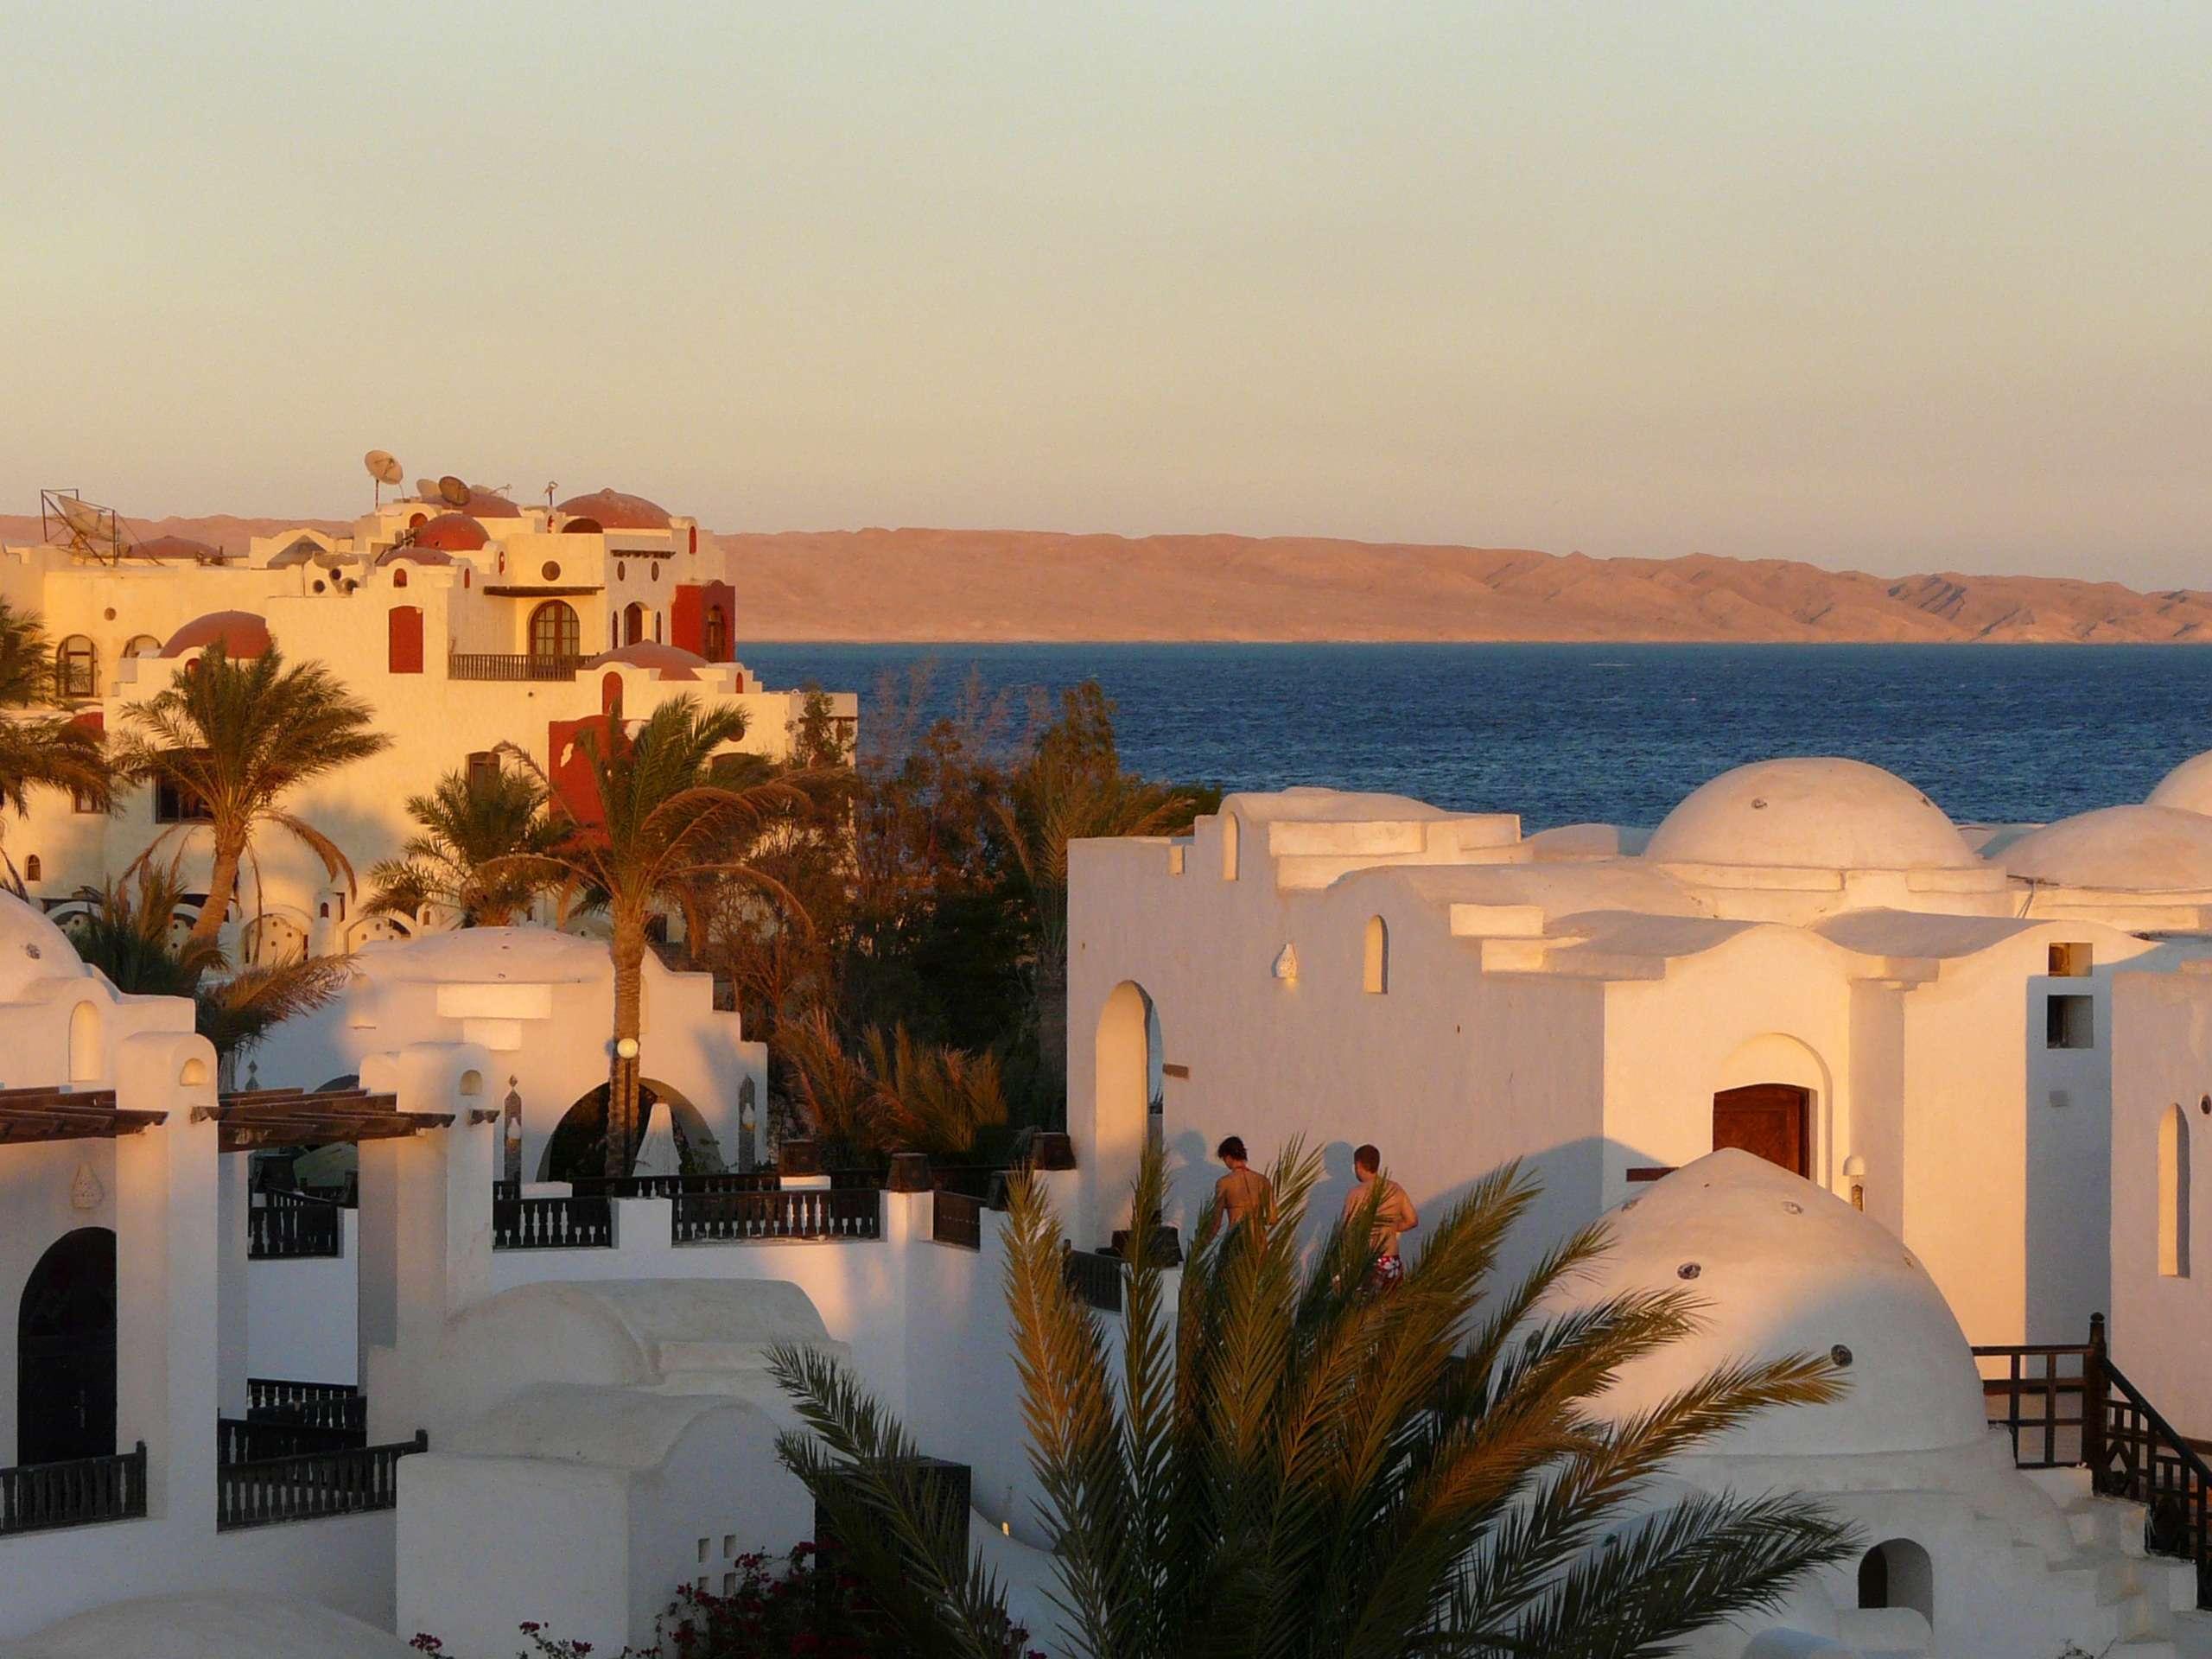 Direktflüge und Billigflüge nach Hurghada